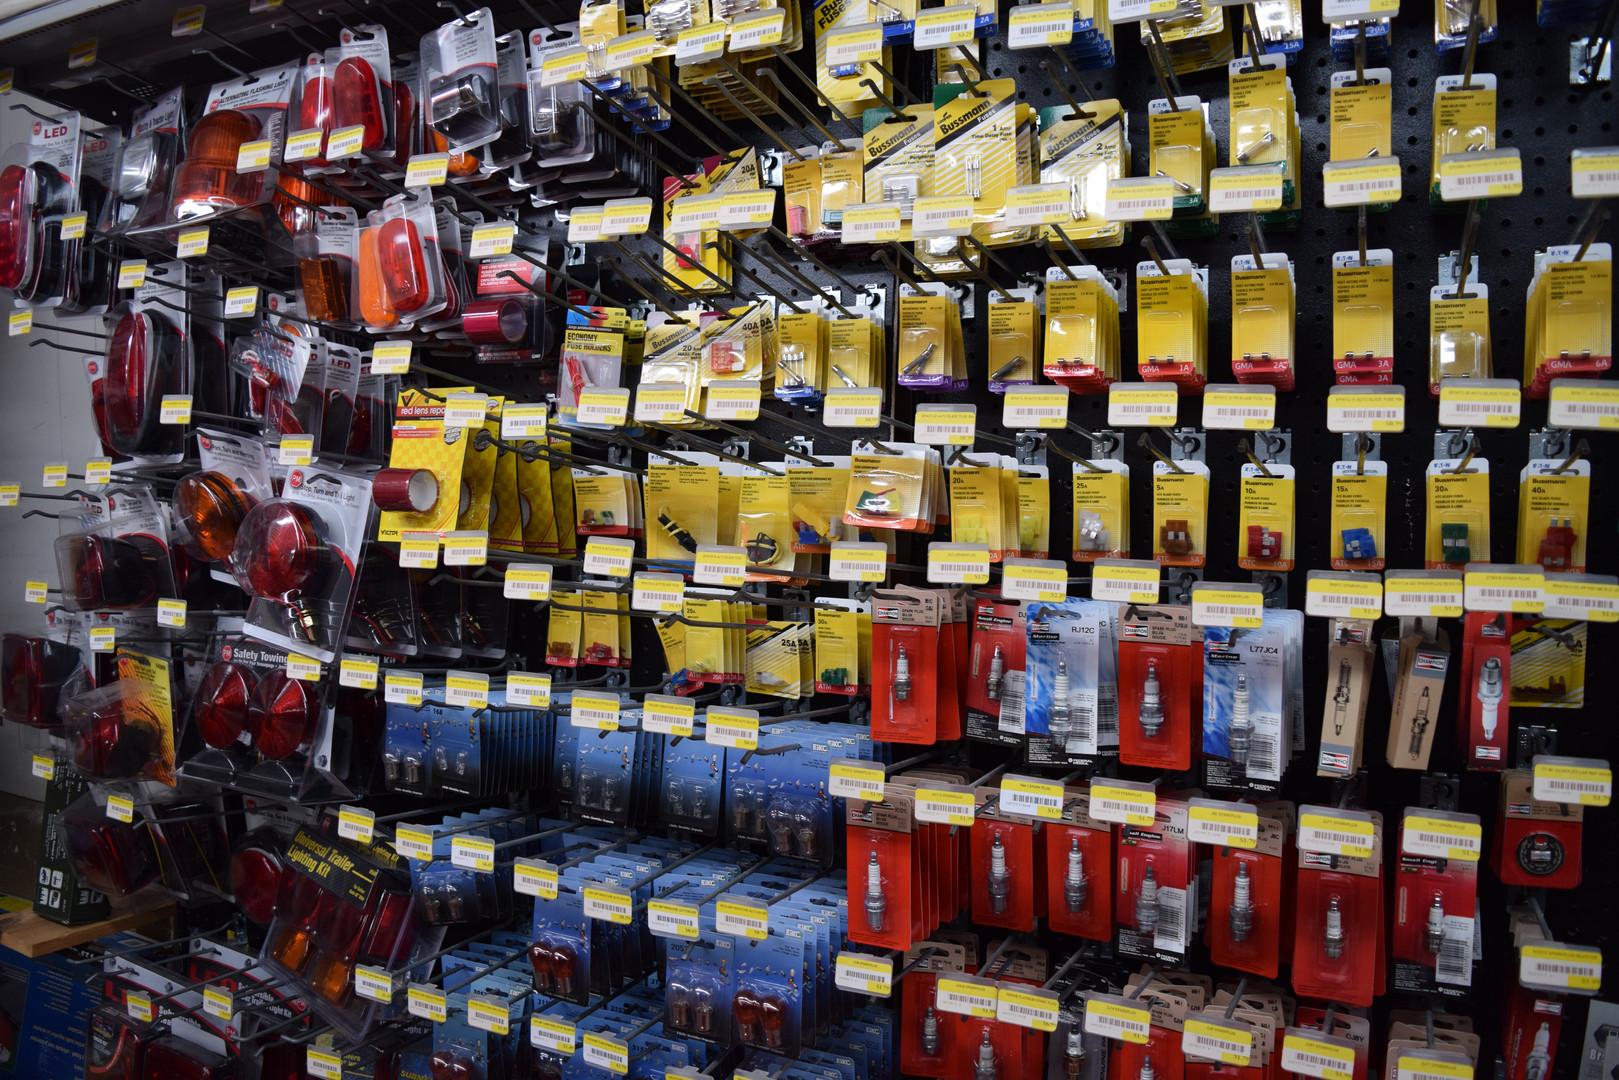 Light Bulbs, Fuses, & Spark Plugs